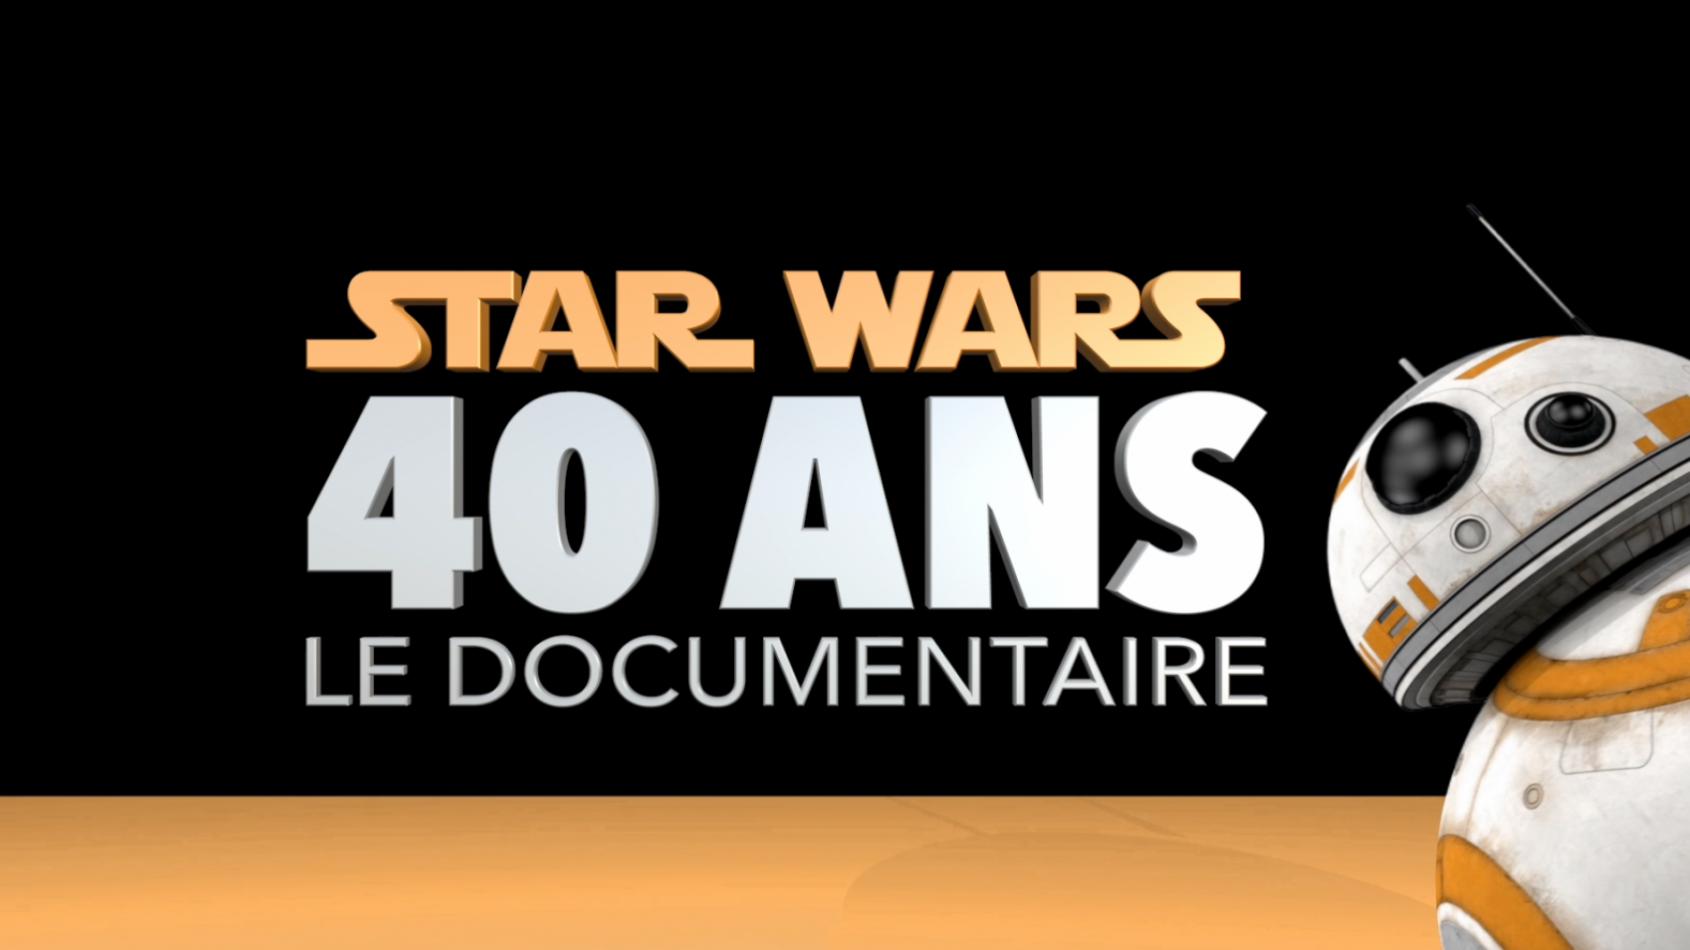 Dans quelques heures : Le Documentaire Star Wars 40 ans sera en ligne